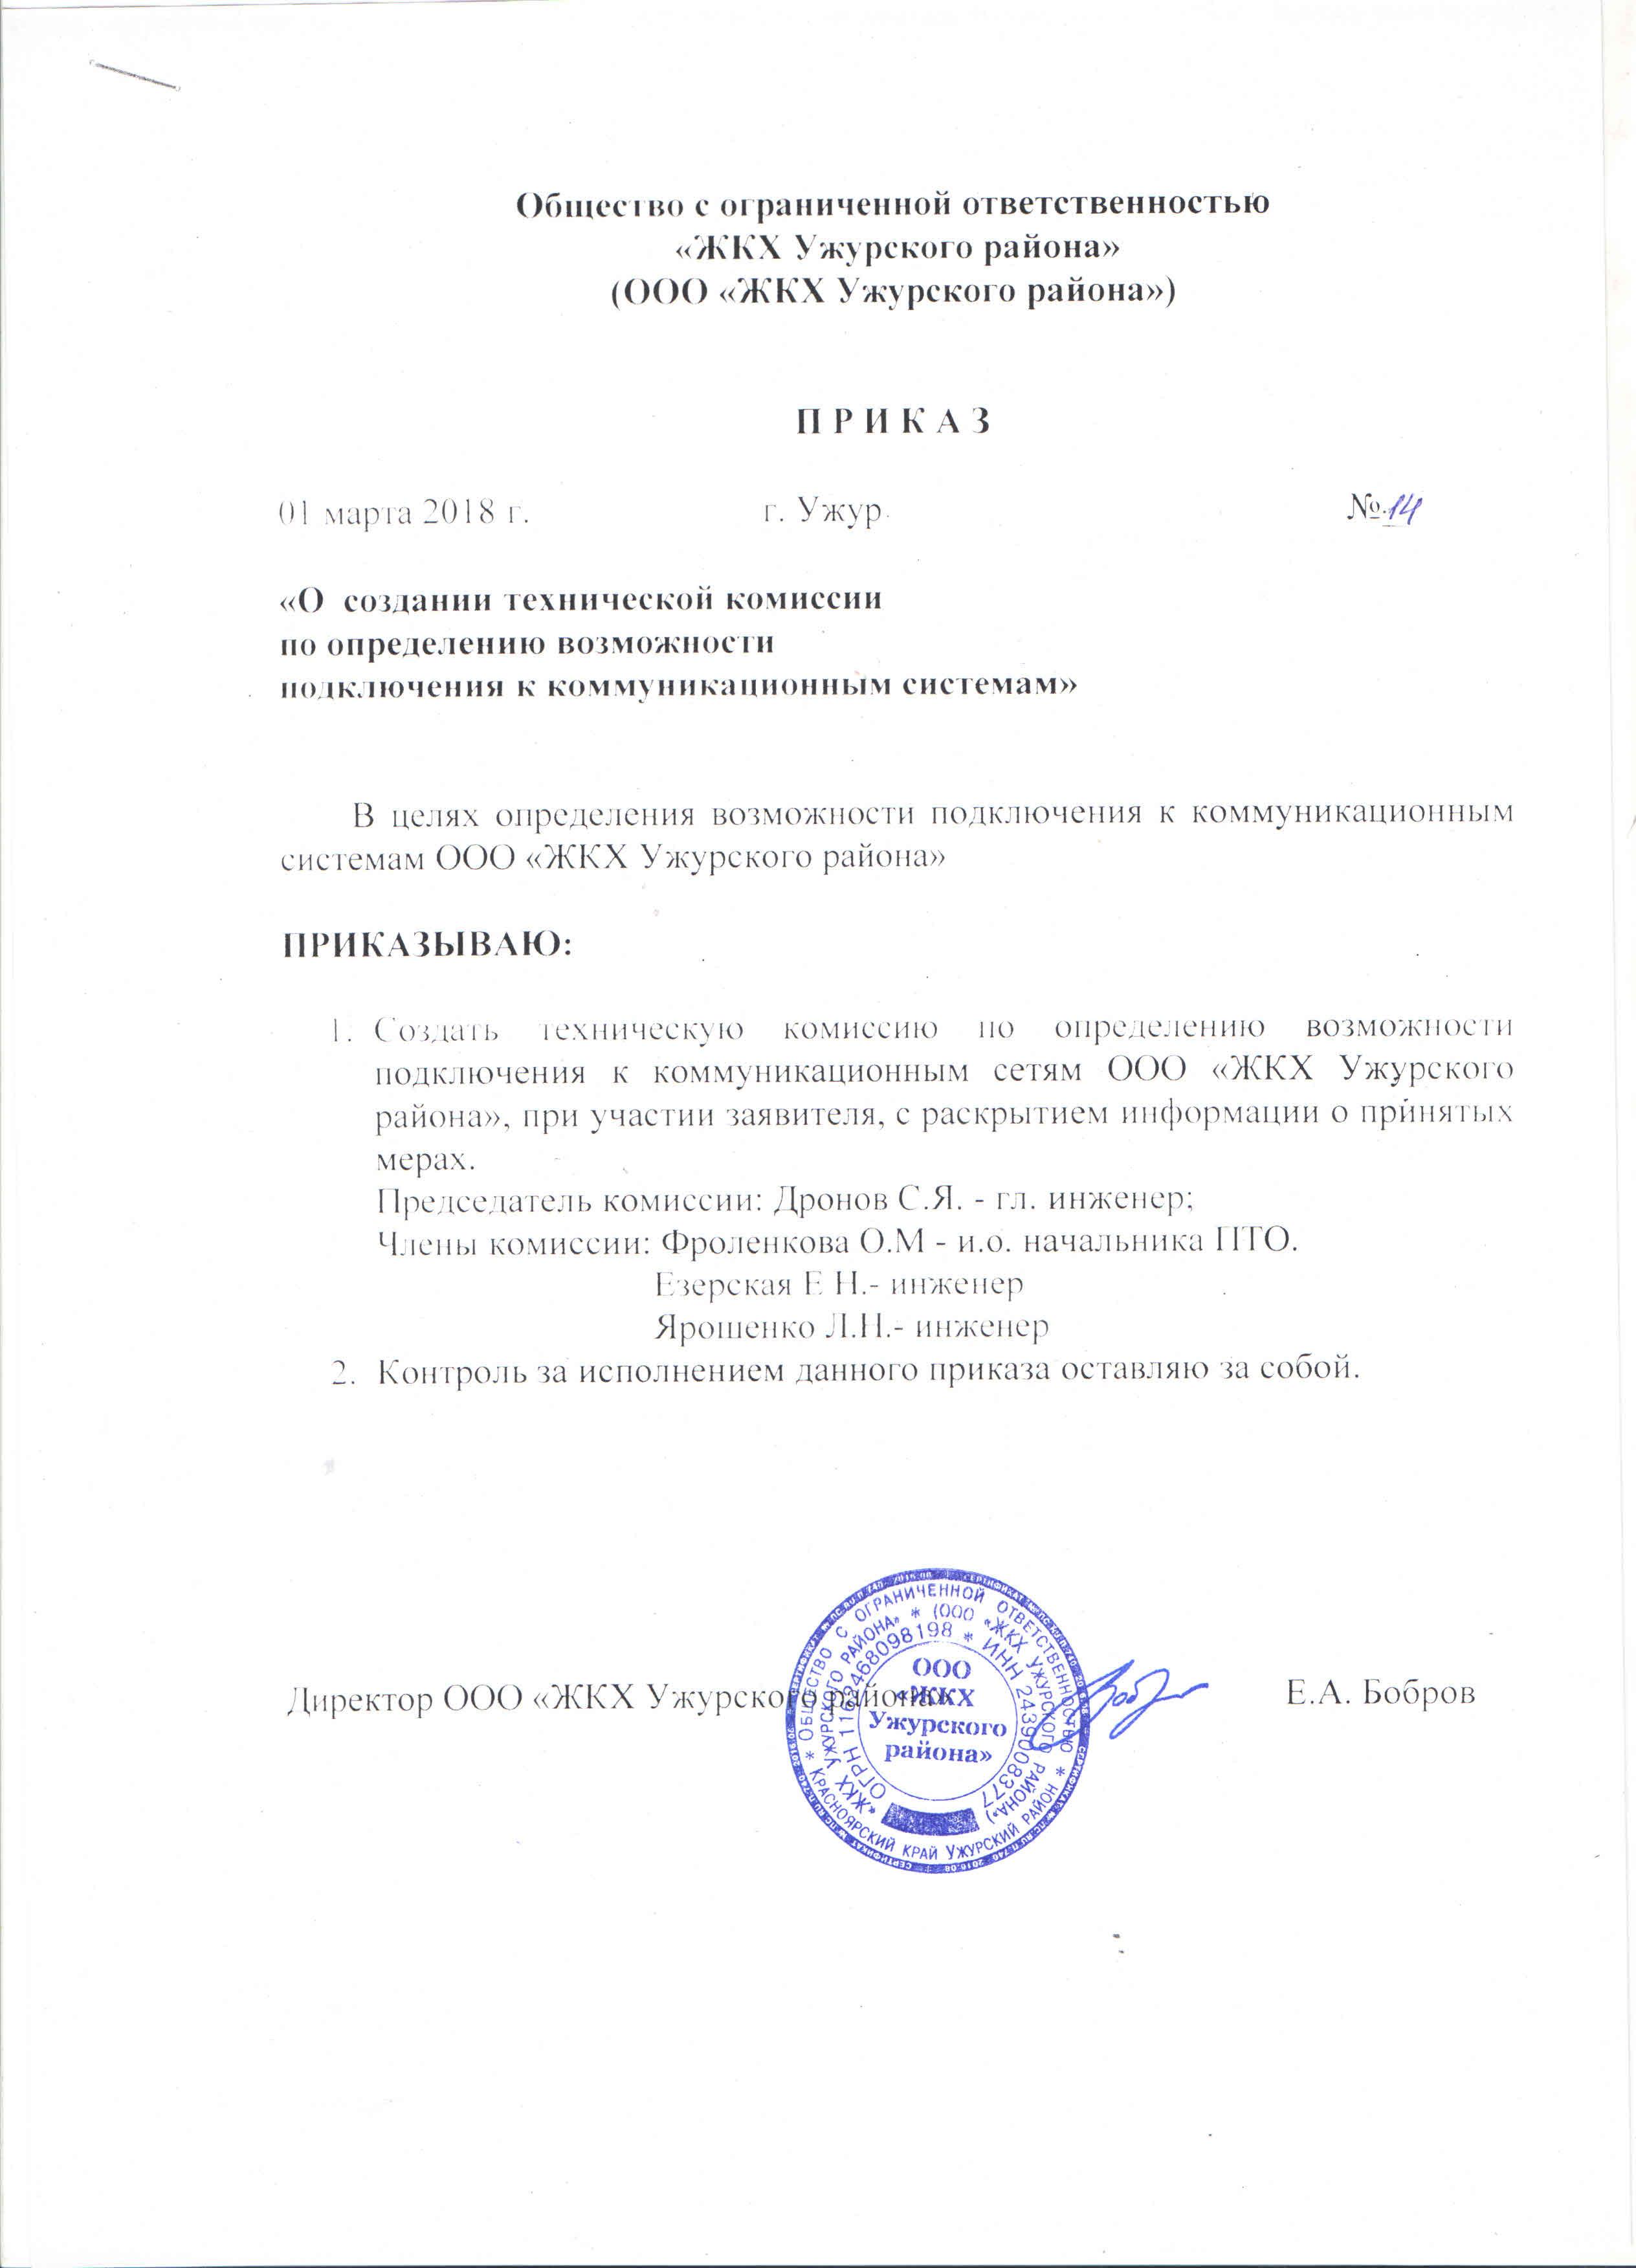 приказ о создании технической комиссии тепло